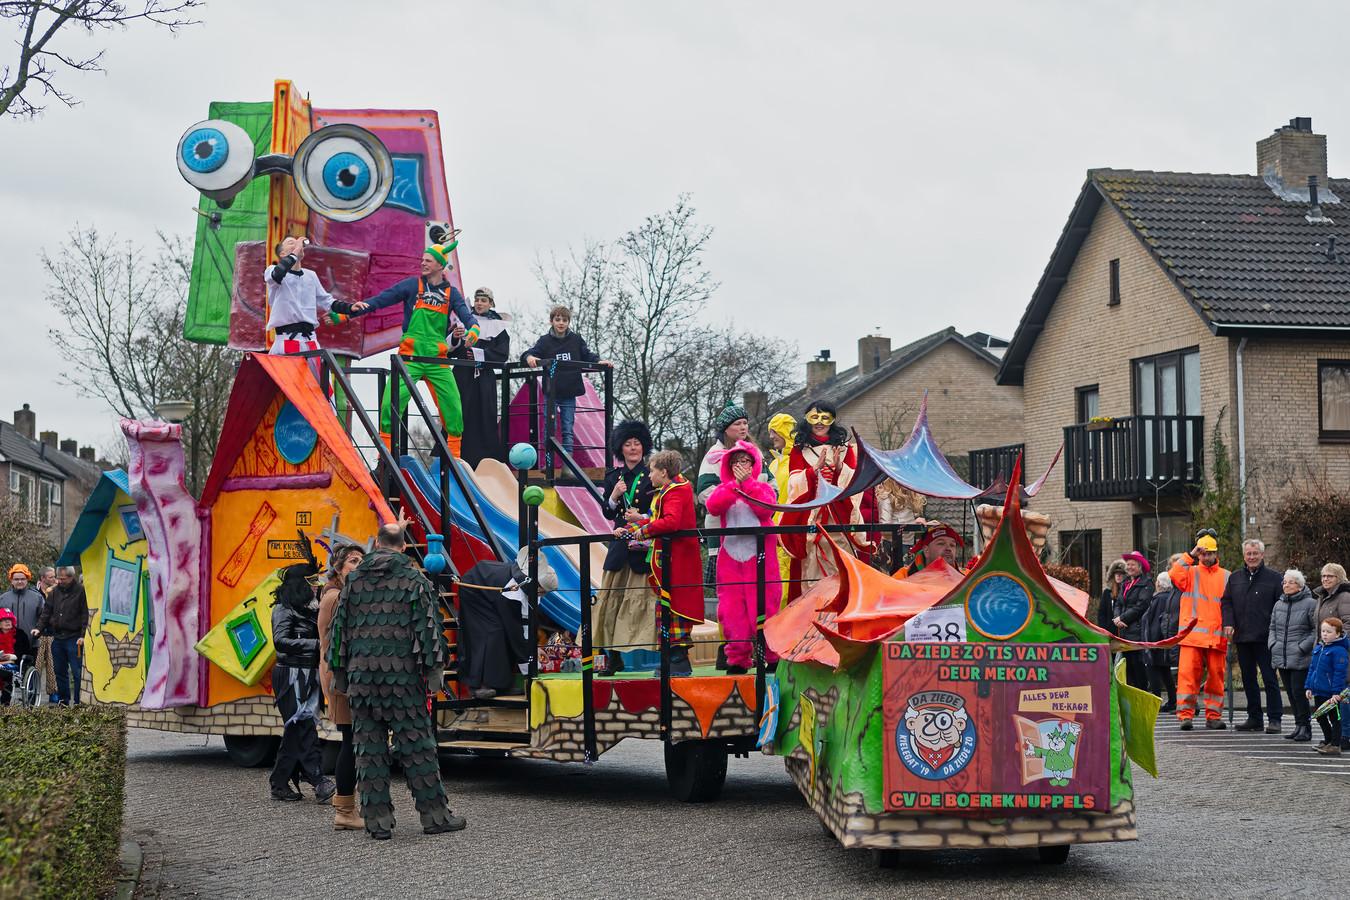 Een vrolijke foto uit de optocht van Bosuilendorp in 2019, met de wagen van CV De Boereknuppels.